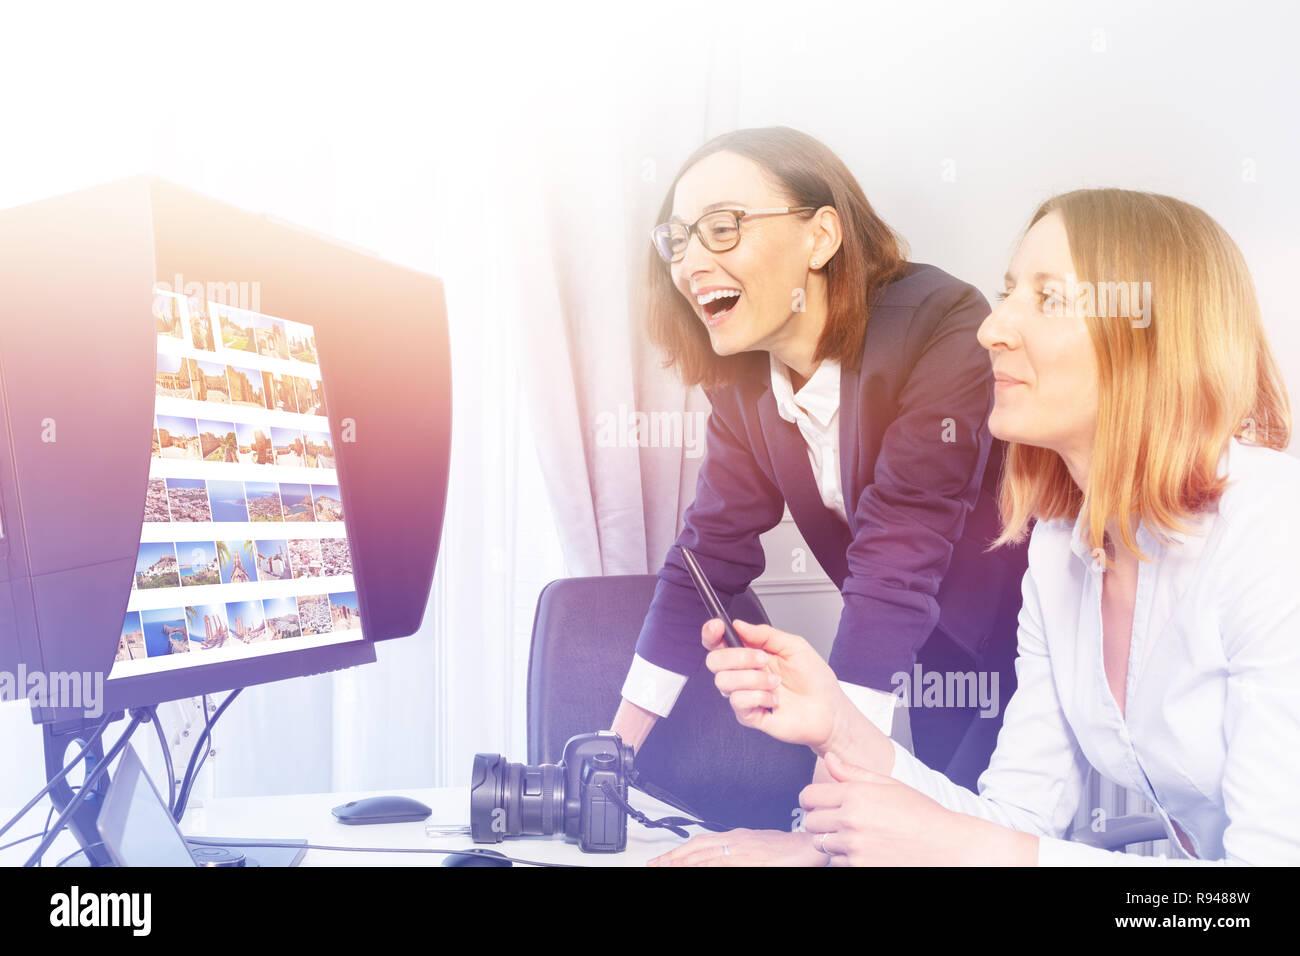 Porträt der Fotografin und Client am Computer Schreibtisch sitzen, diskutieren Portfolio Bilder im Büro Stockbild